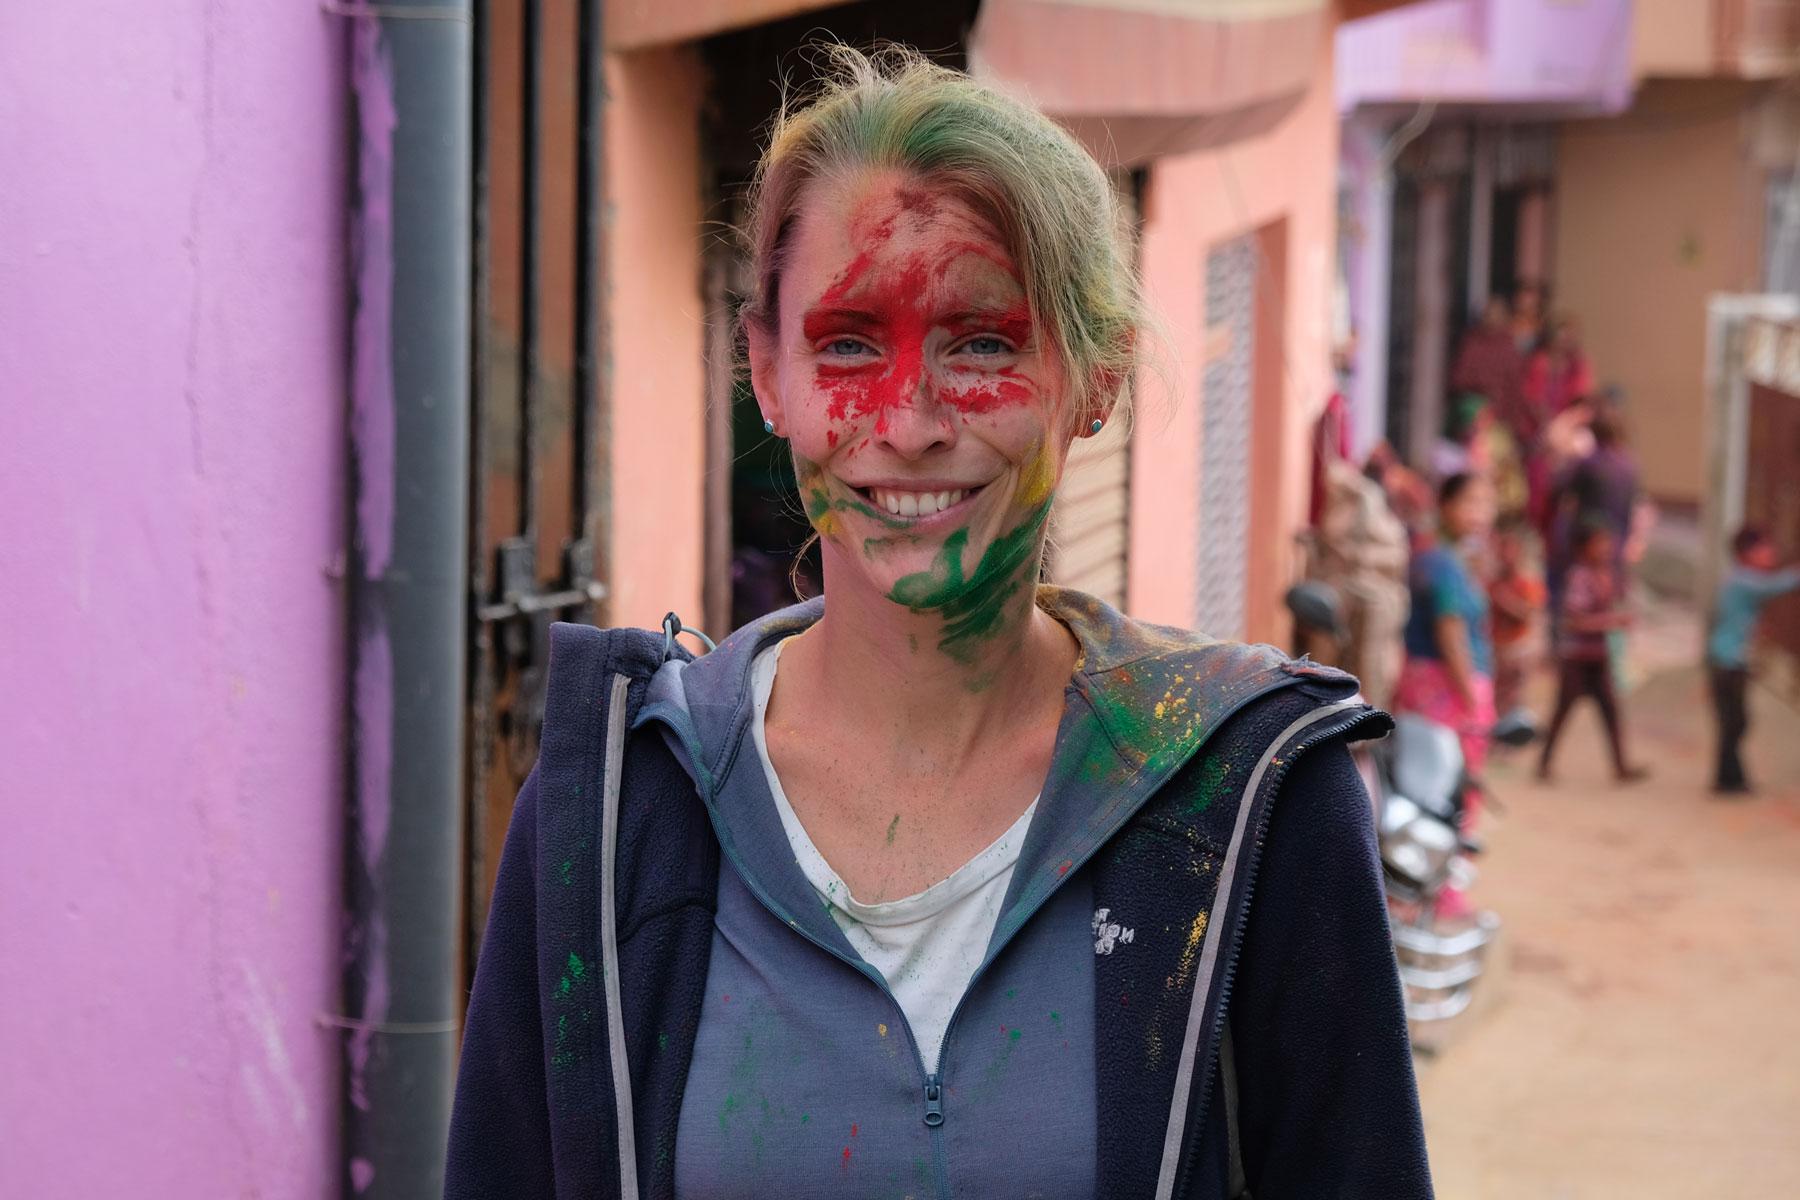 Leo mit Farbe im Gesicht beim Holi-Festival in Tansen.